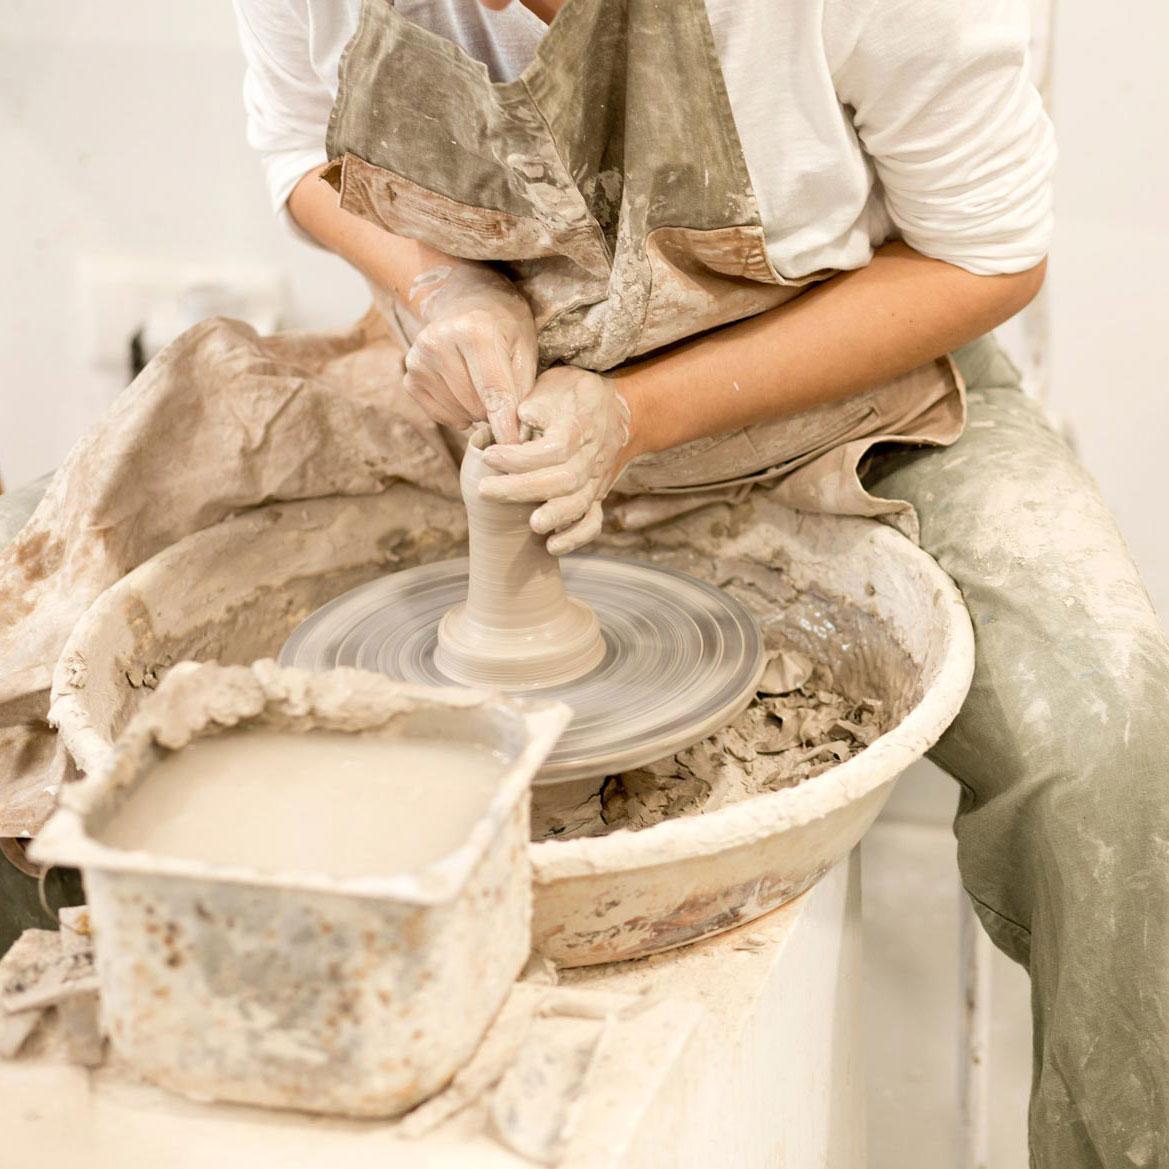 totuma_pottery_wheel.jpg